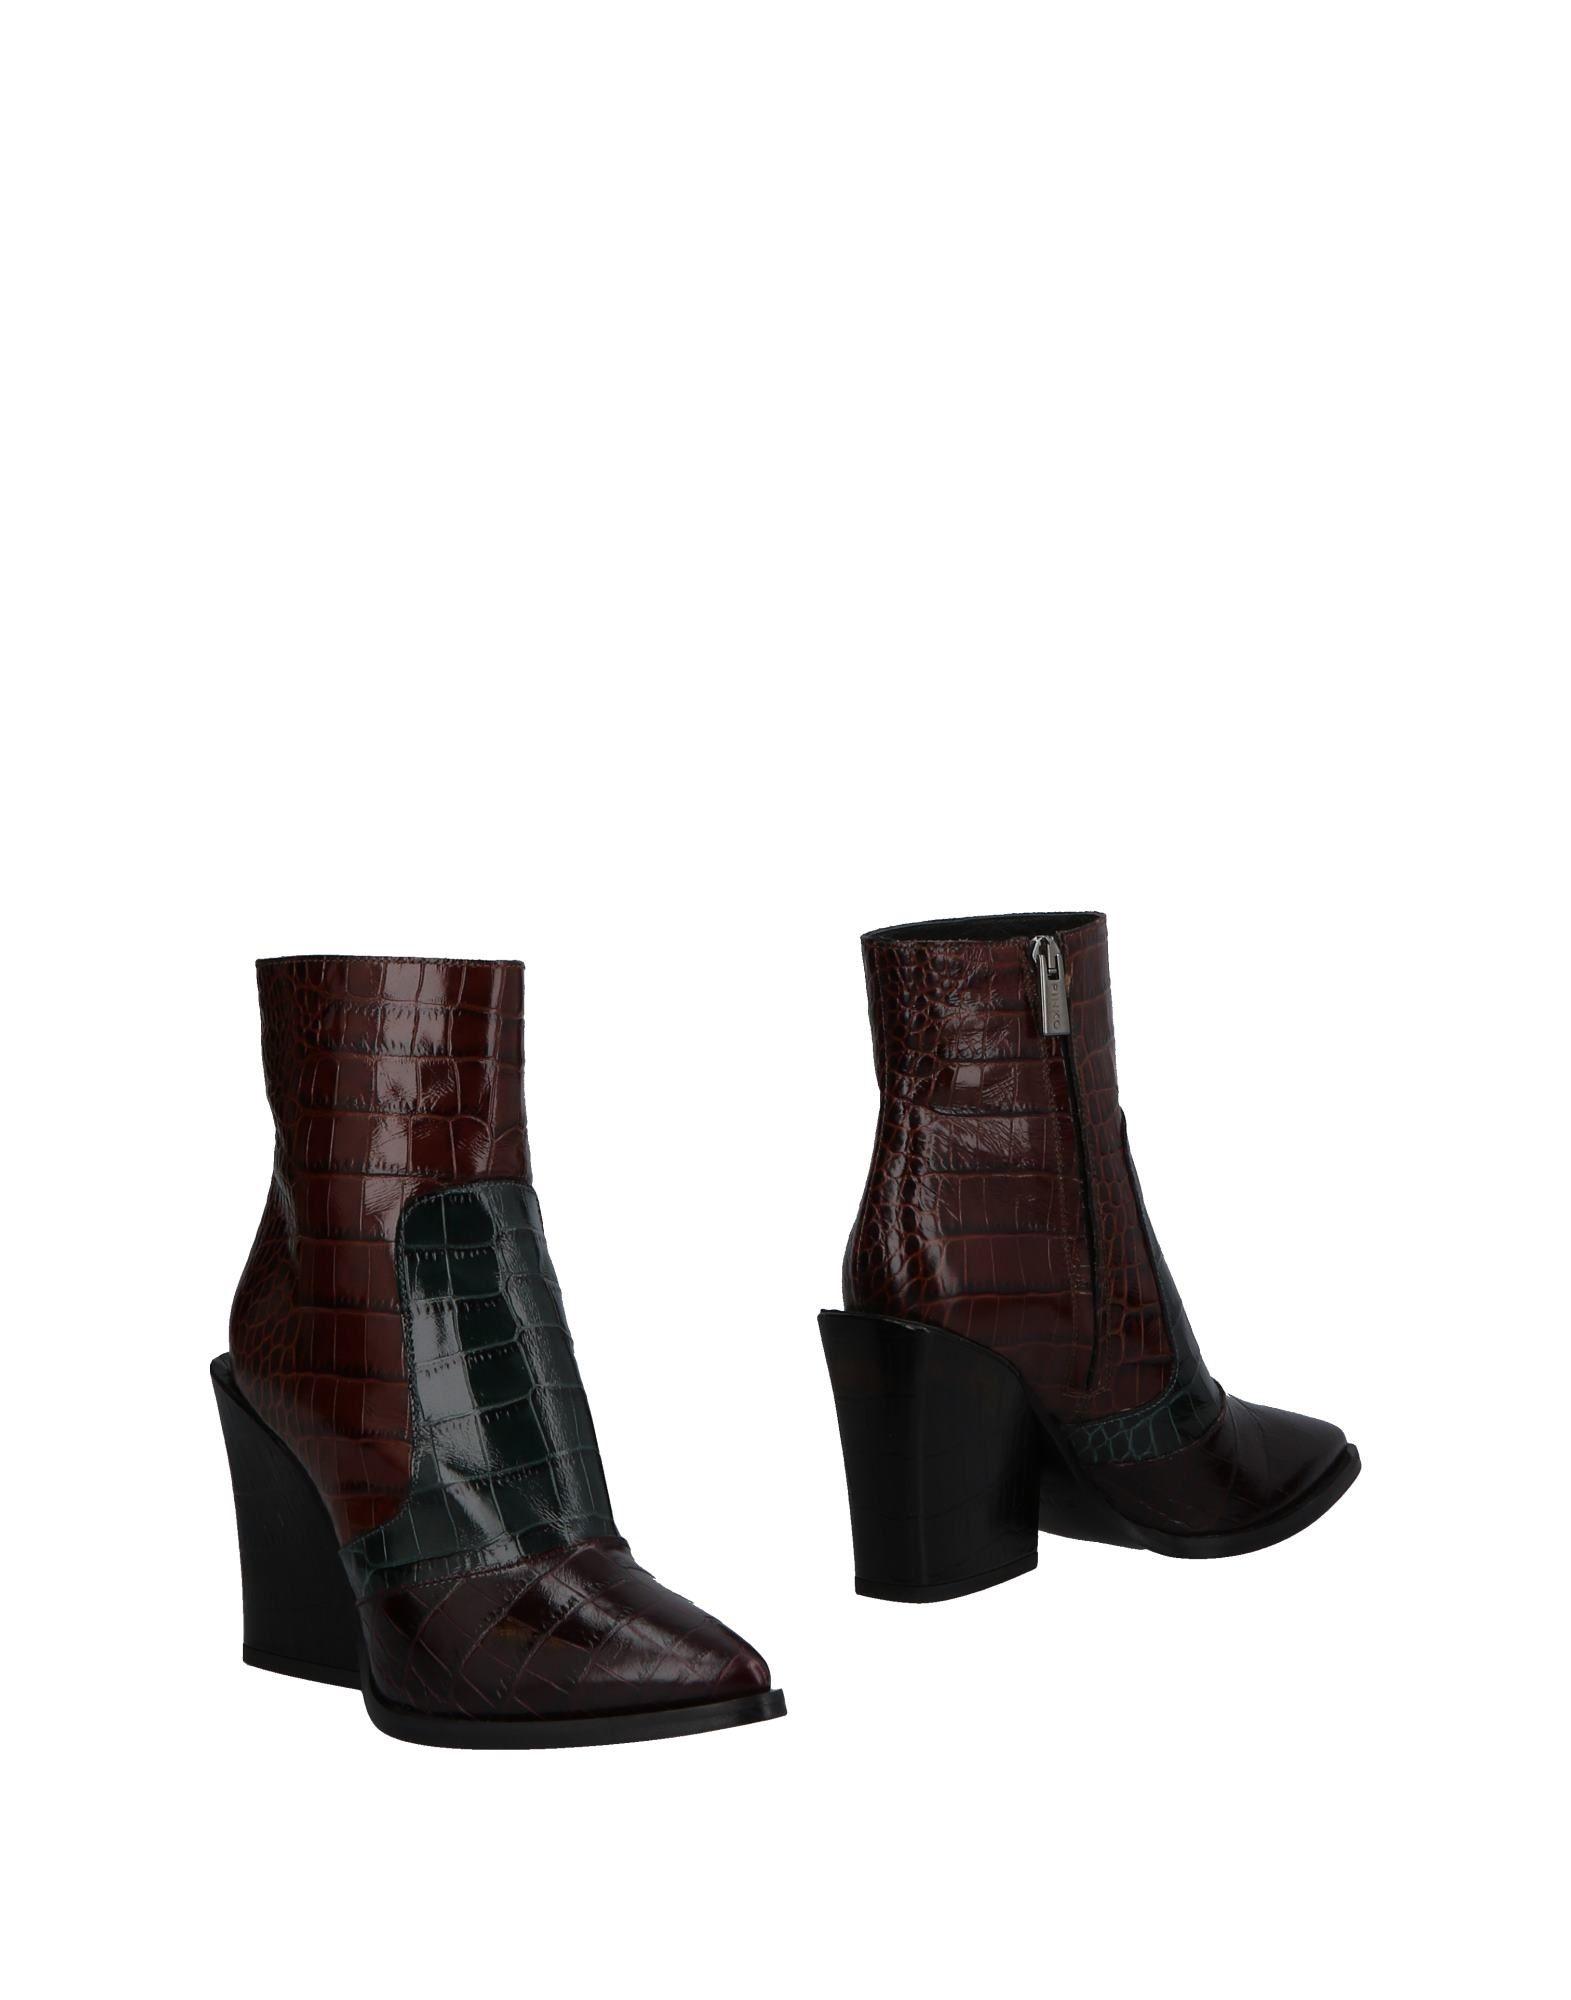 des bottines rouges à - la cheville gauche - à royaume - uni - 11499108ov bottes en ligne 2ad841